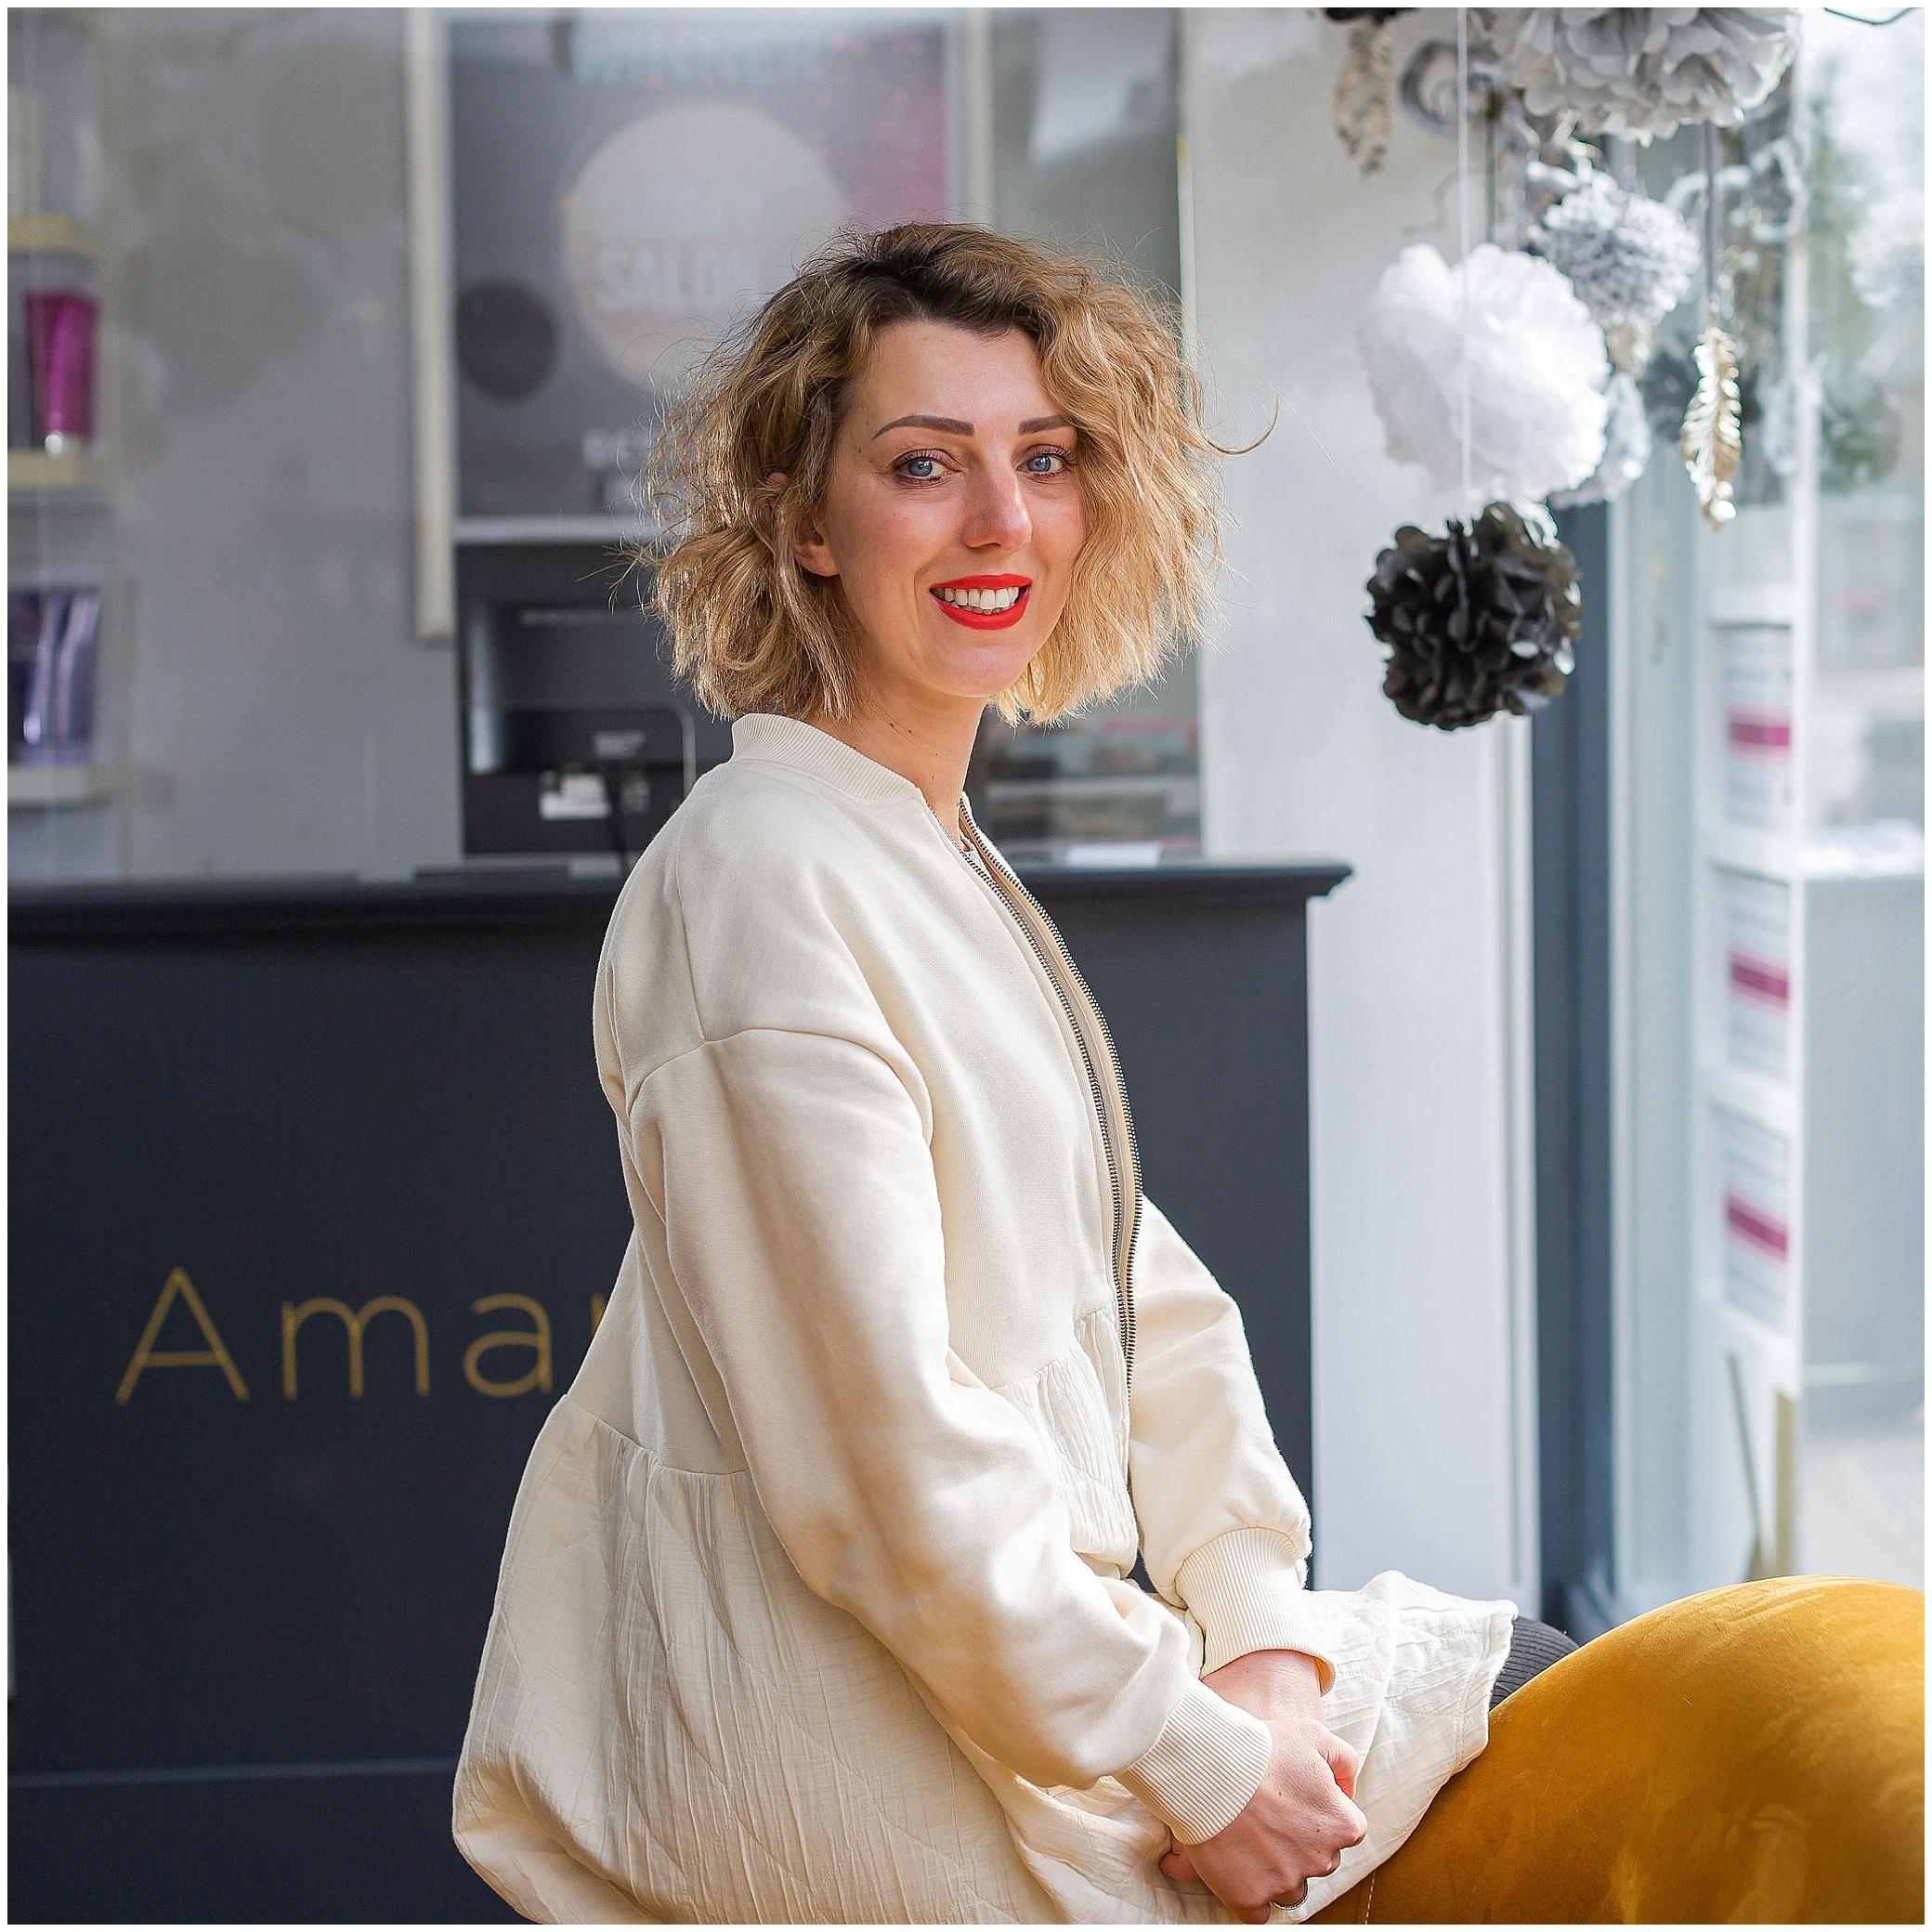 Commercial photography Weybridge Surrey business headshot of woman